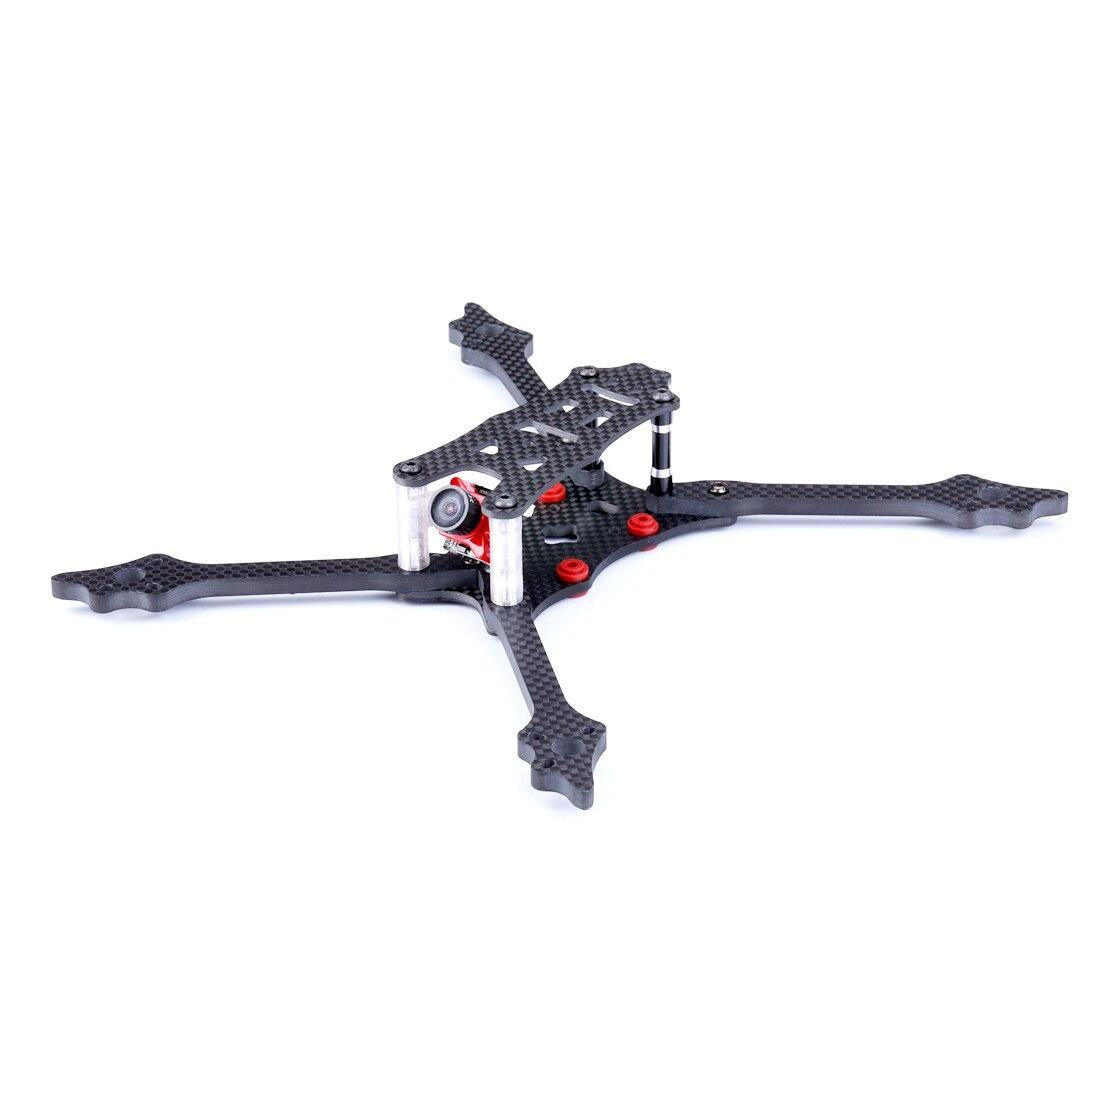 TransTEC LASER DB5 218mm cadre empattement 68g 5mm 3 K plein carbone avec Fiber Semi-Kevlar ESC 30A 4in1 ESC 4 S FPV Kit de cadre de Drone